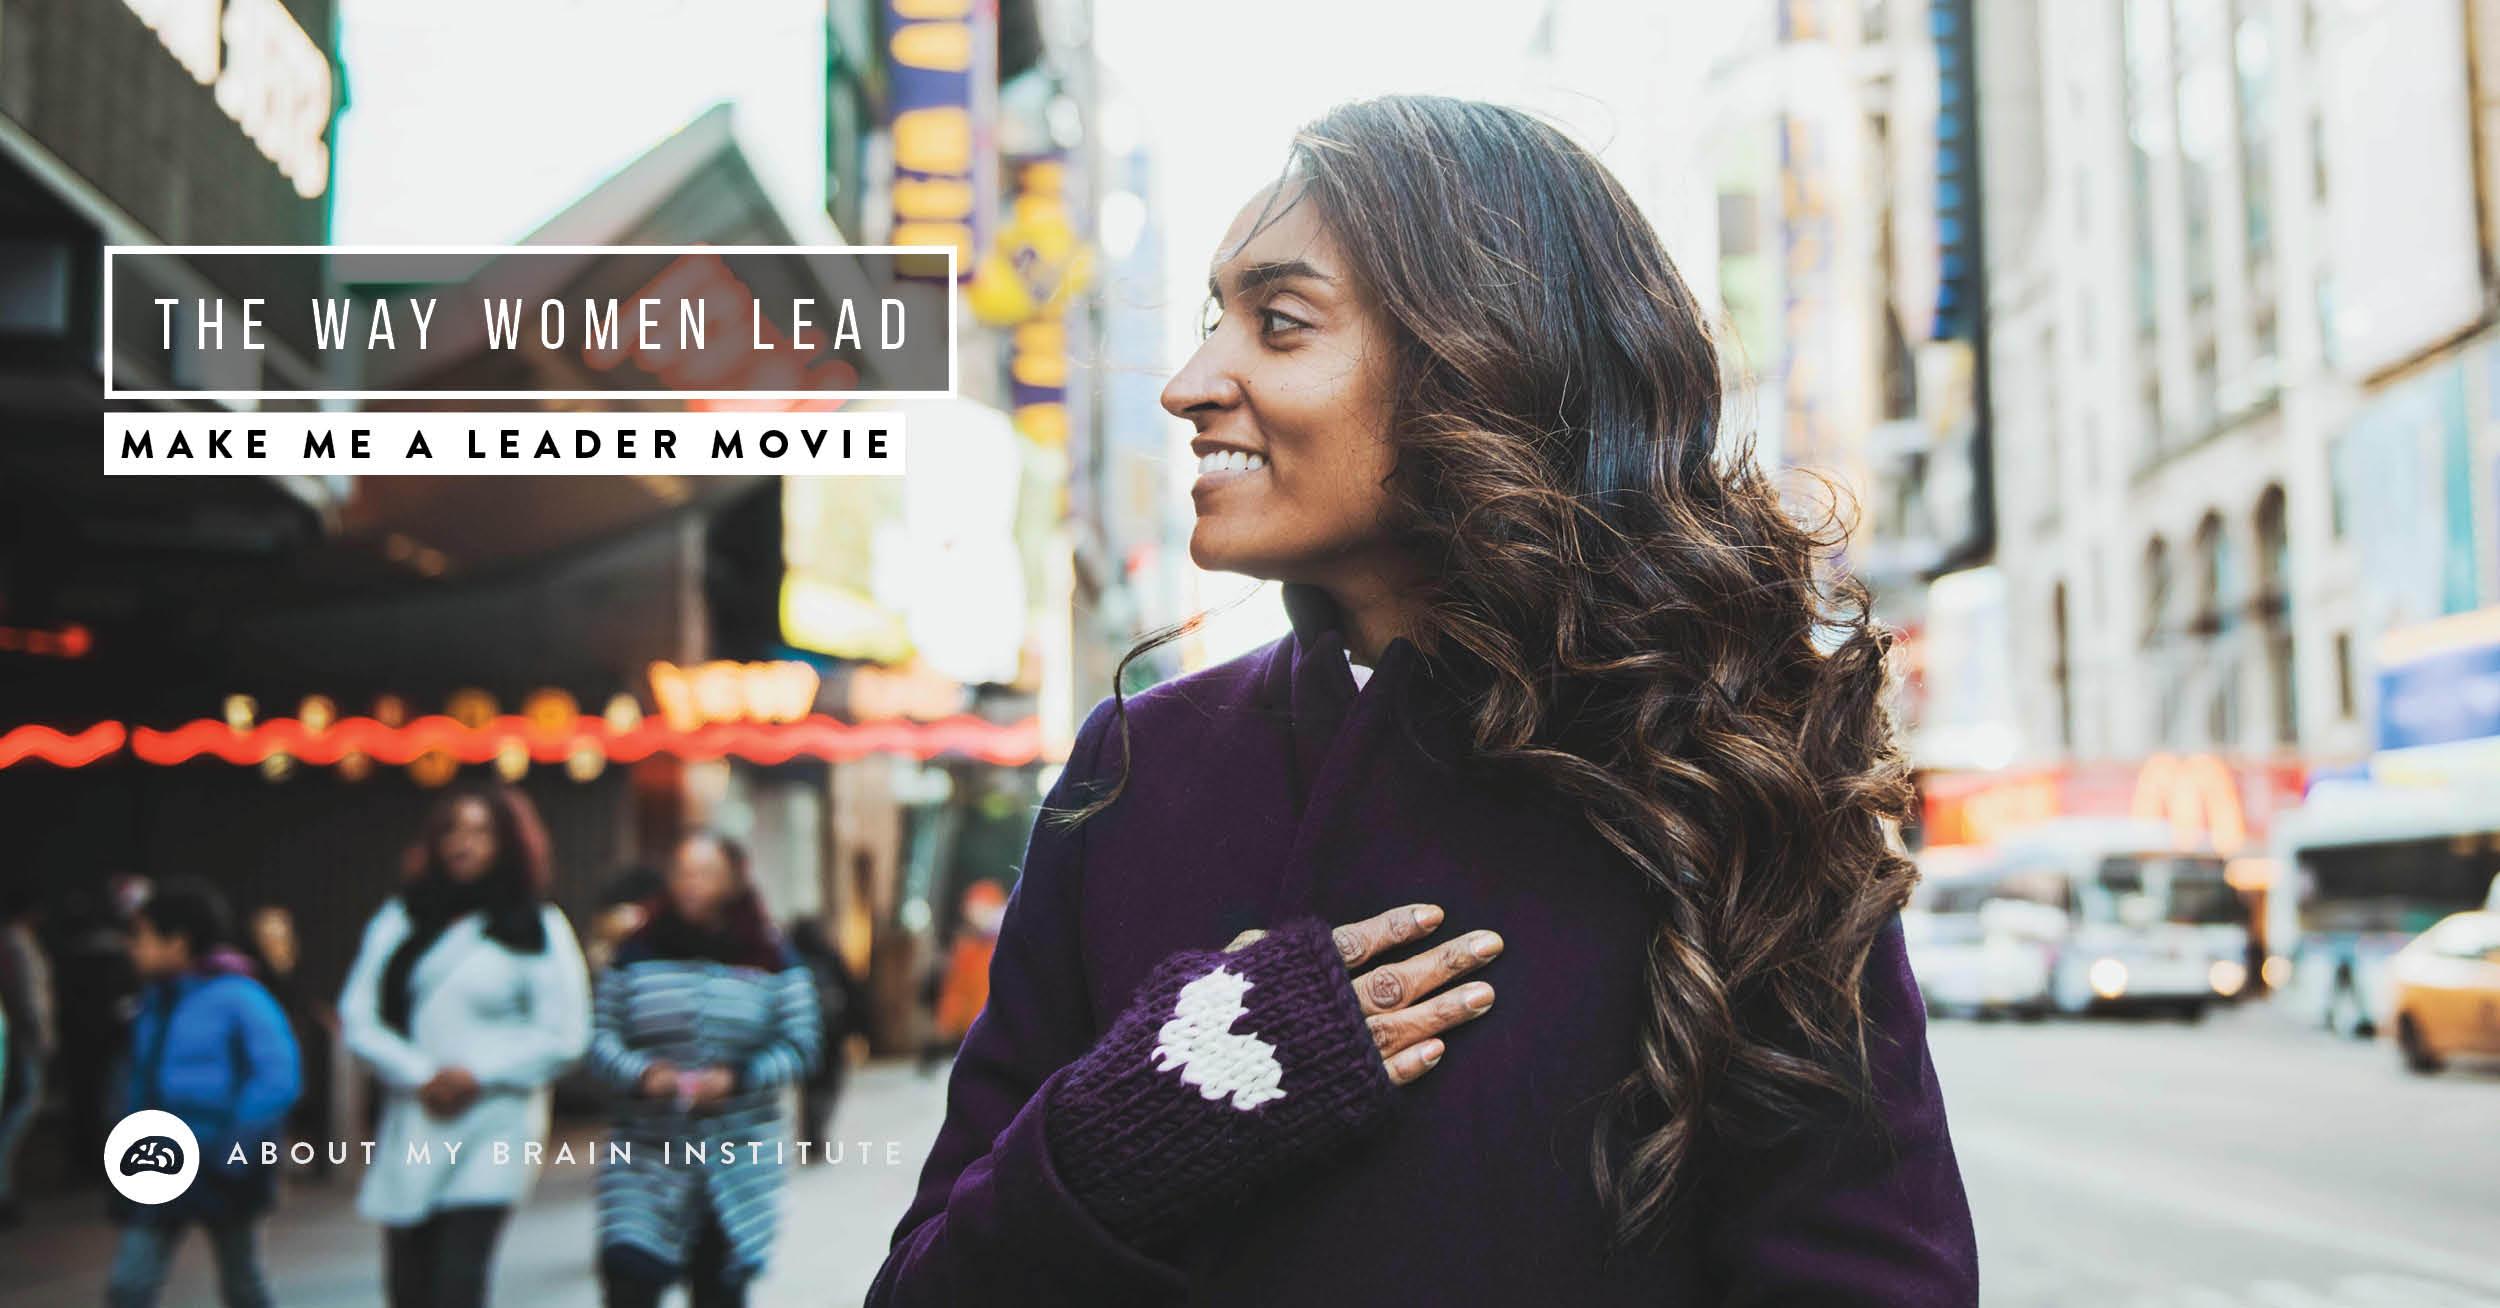 The Way Women Lead